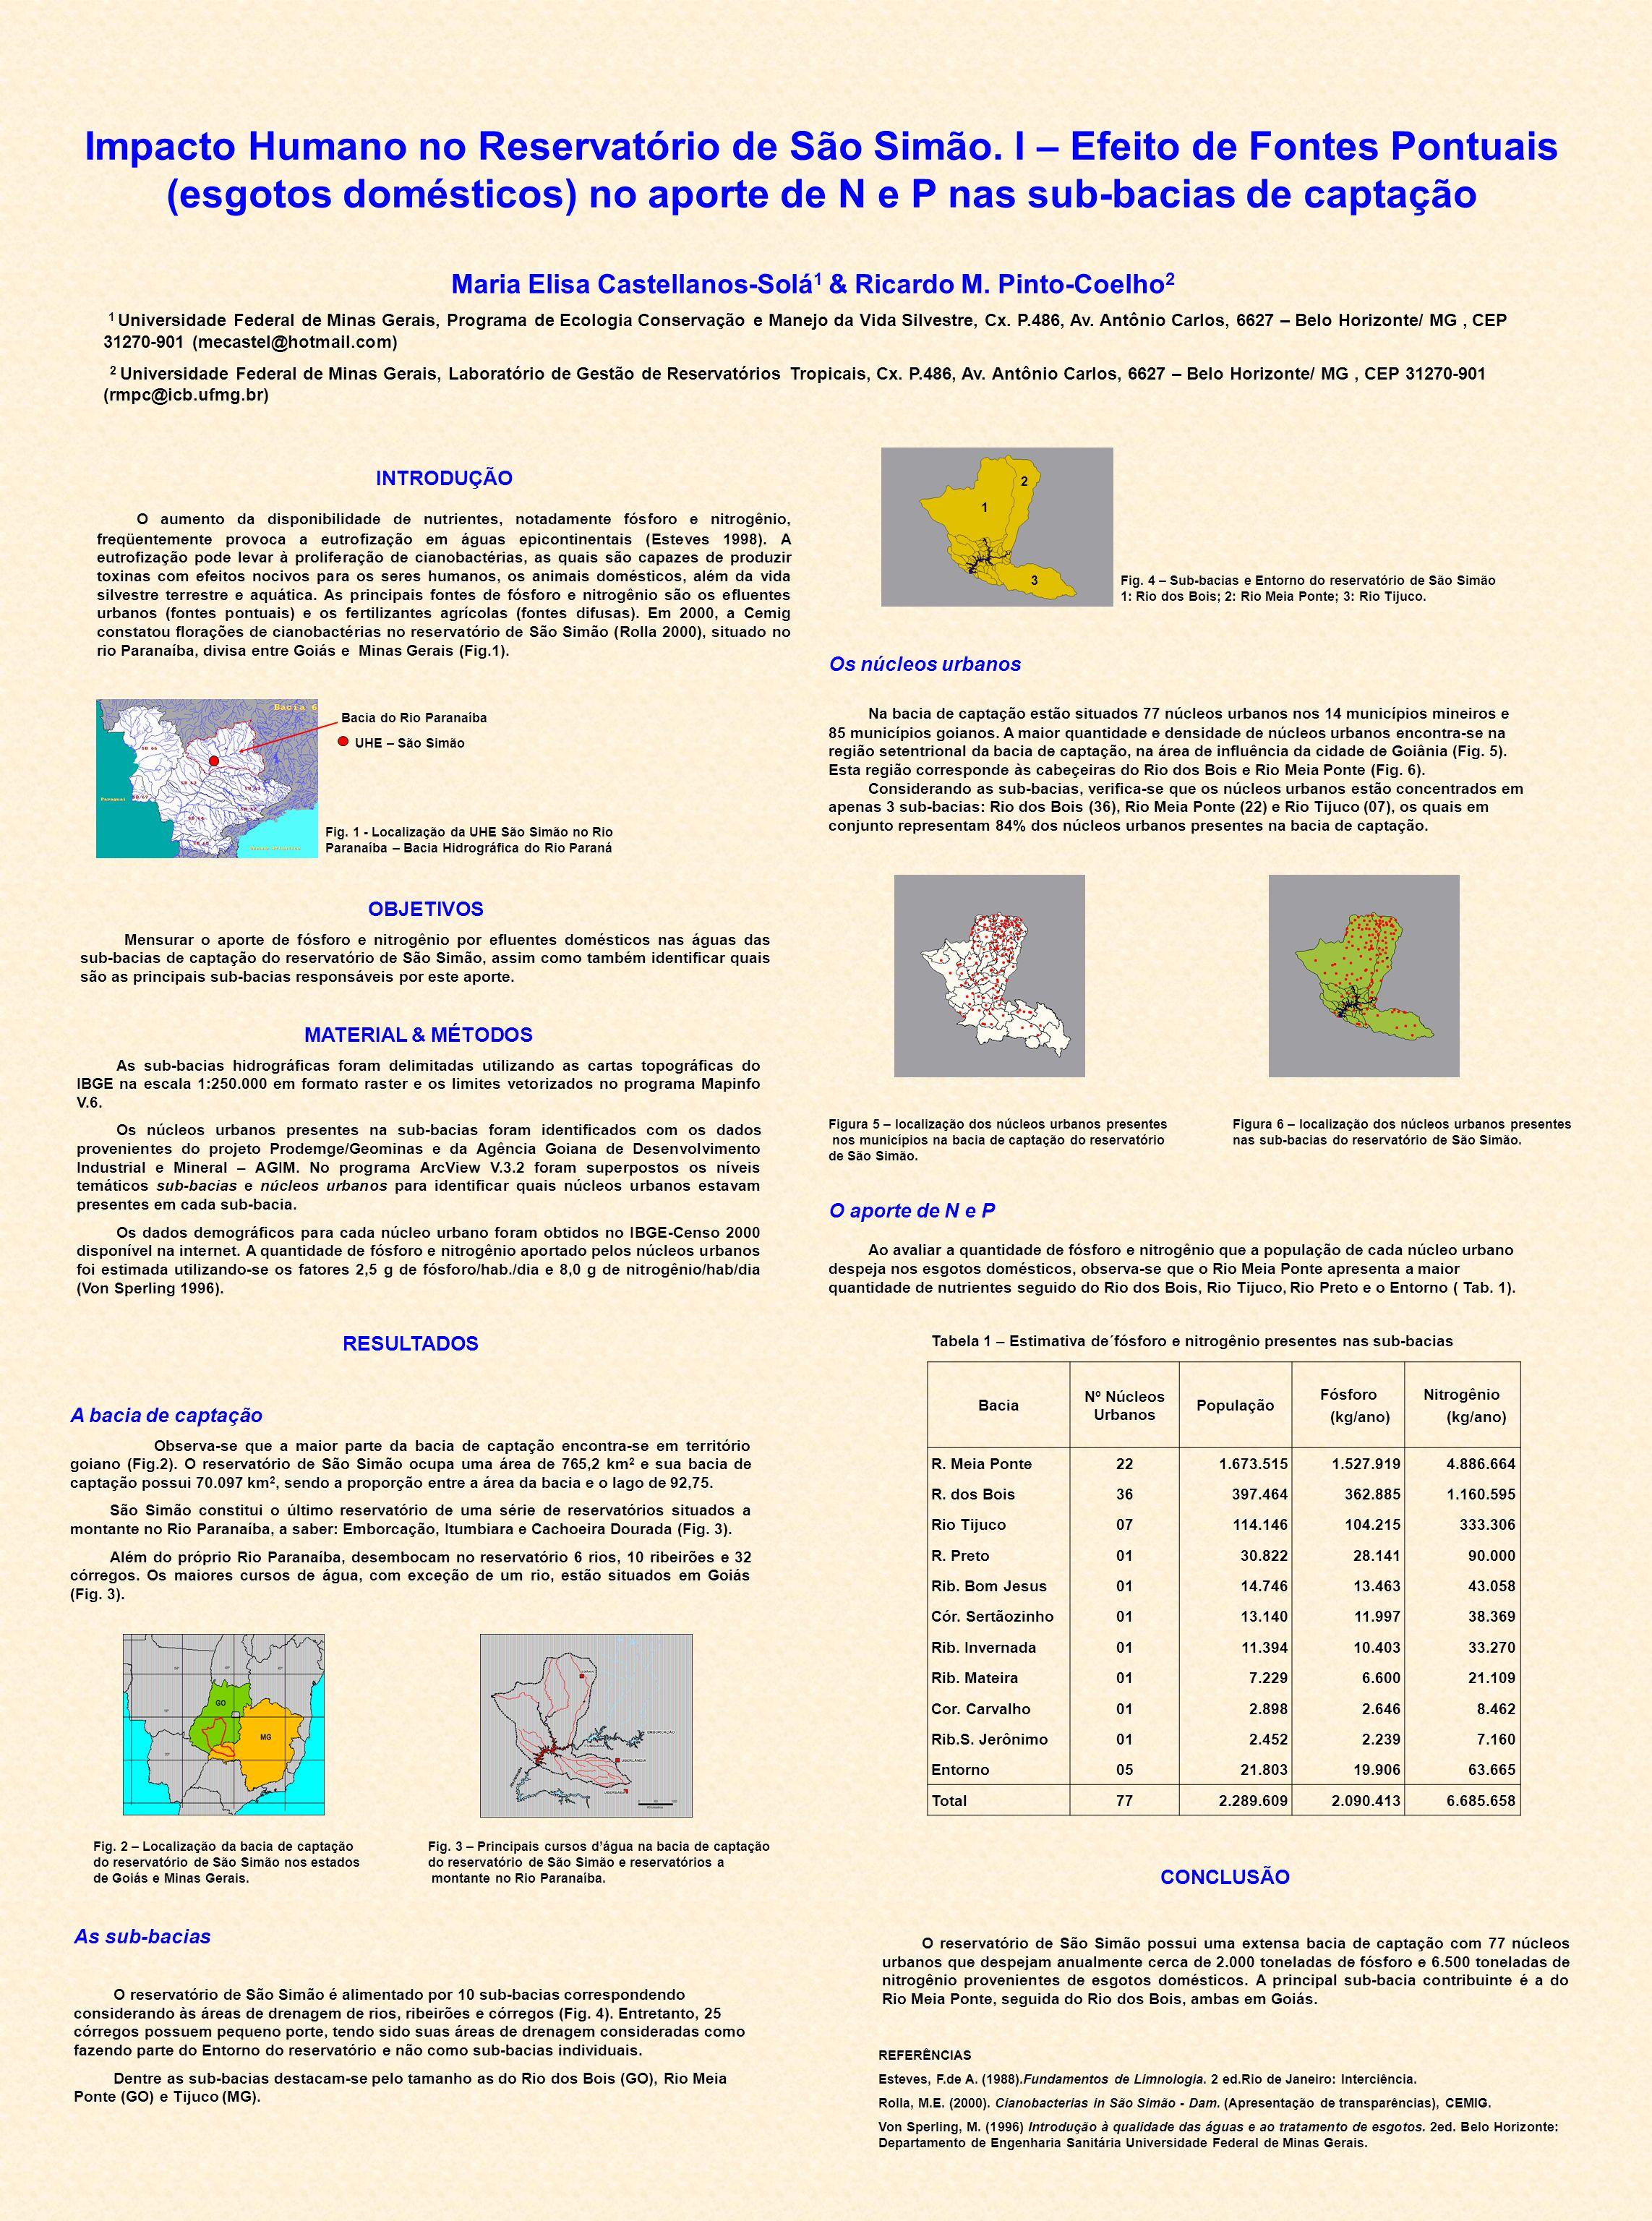 Impacto Humano no Reservatório de São Simão. I – Efeito de Fontes Pontuais (esgotos domésticos) no aporte de N e P nas sub-bacias de captação Maria El